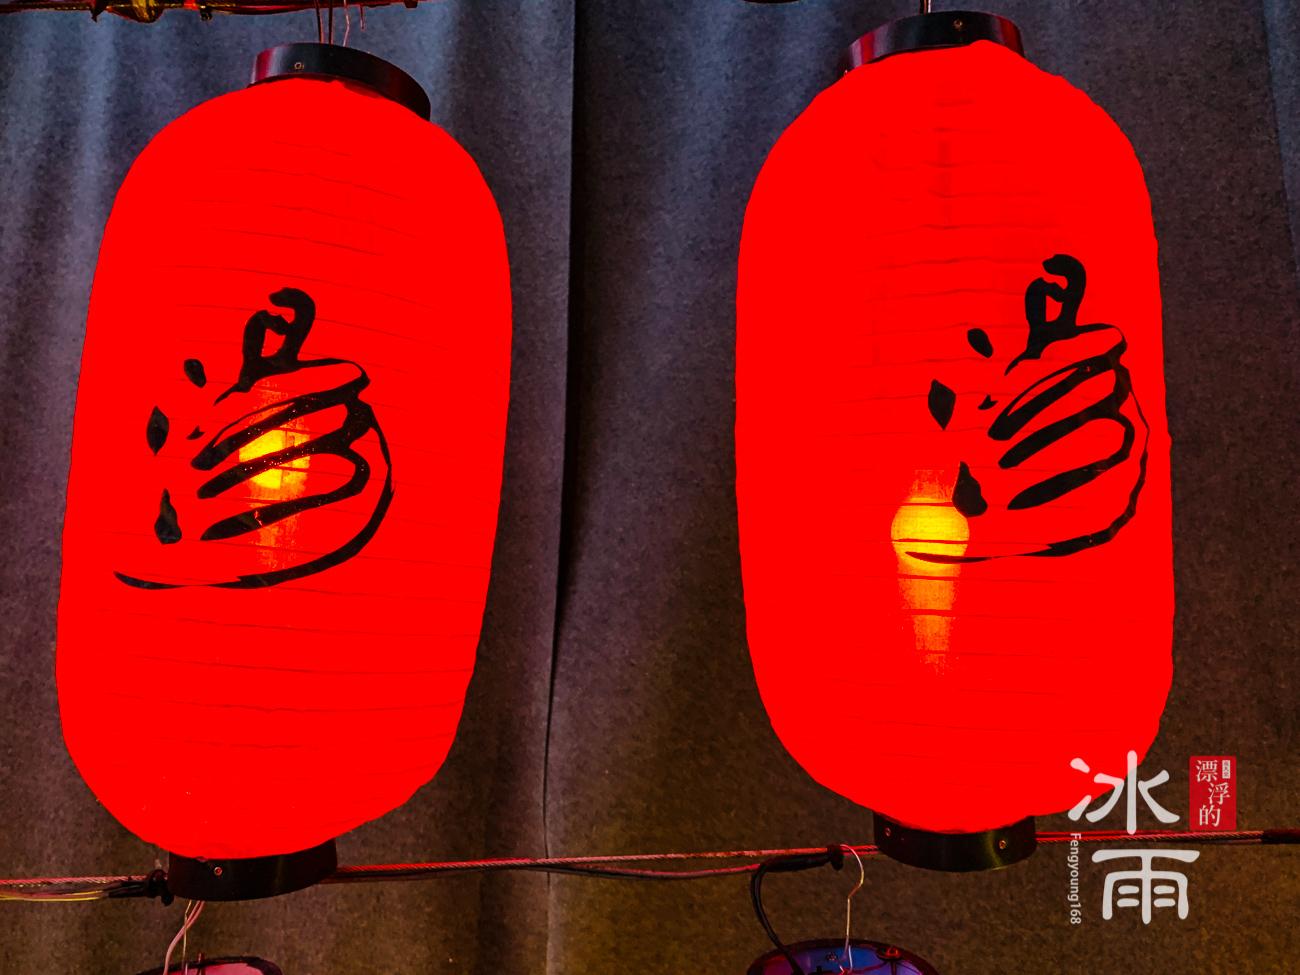 泰安湯悅溫泉會館|可愛燈籠泰安湯悅溫泉會館|可愛燈籠泰安湯悅溫泉會館|可愛燈籠